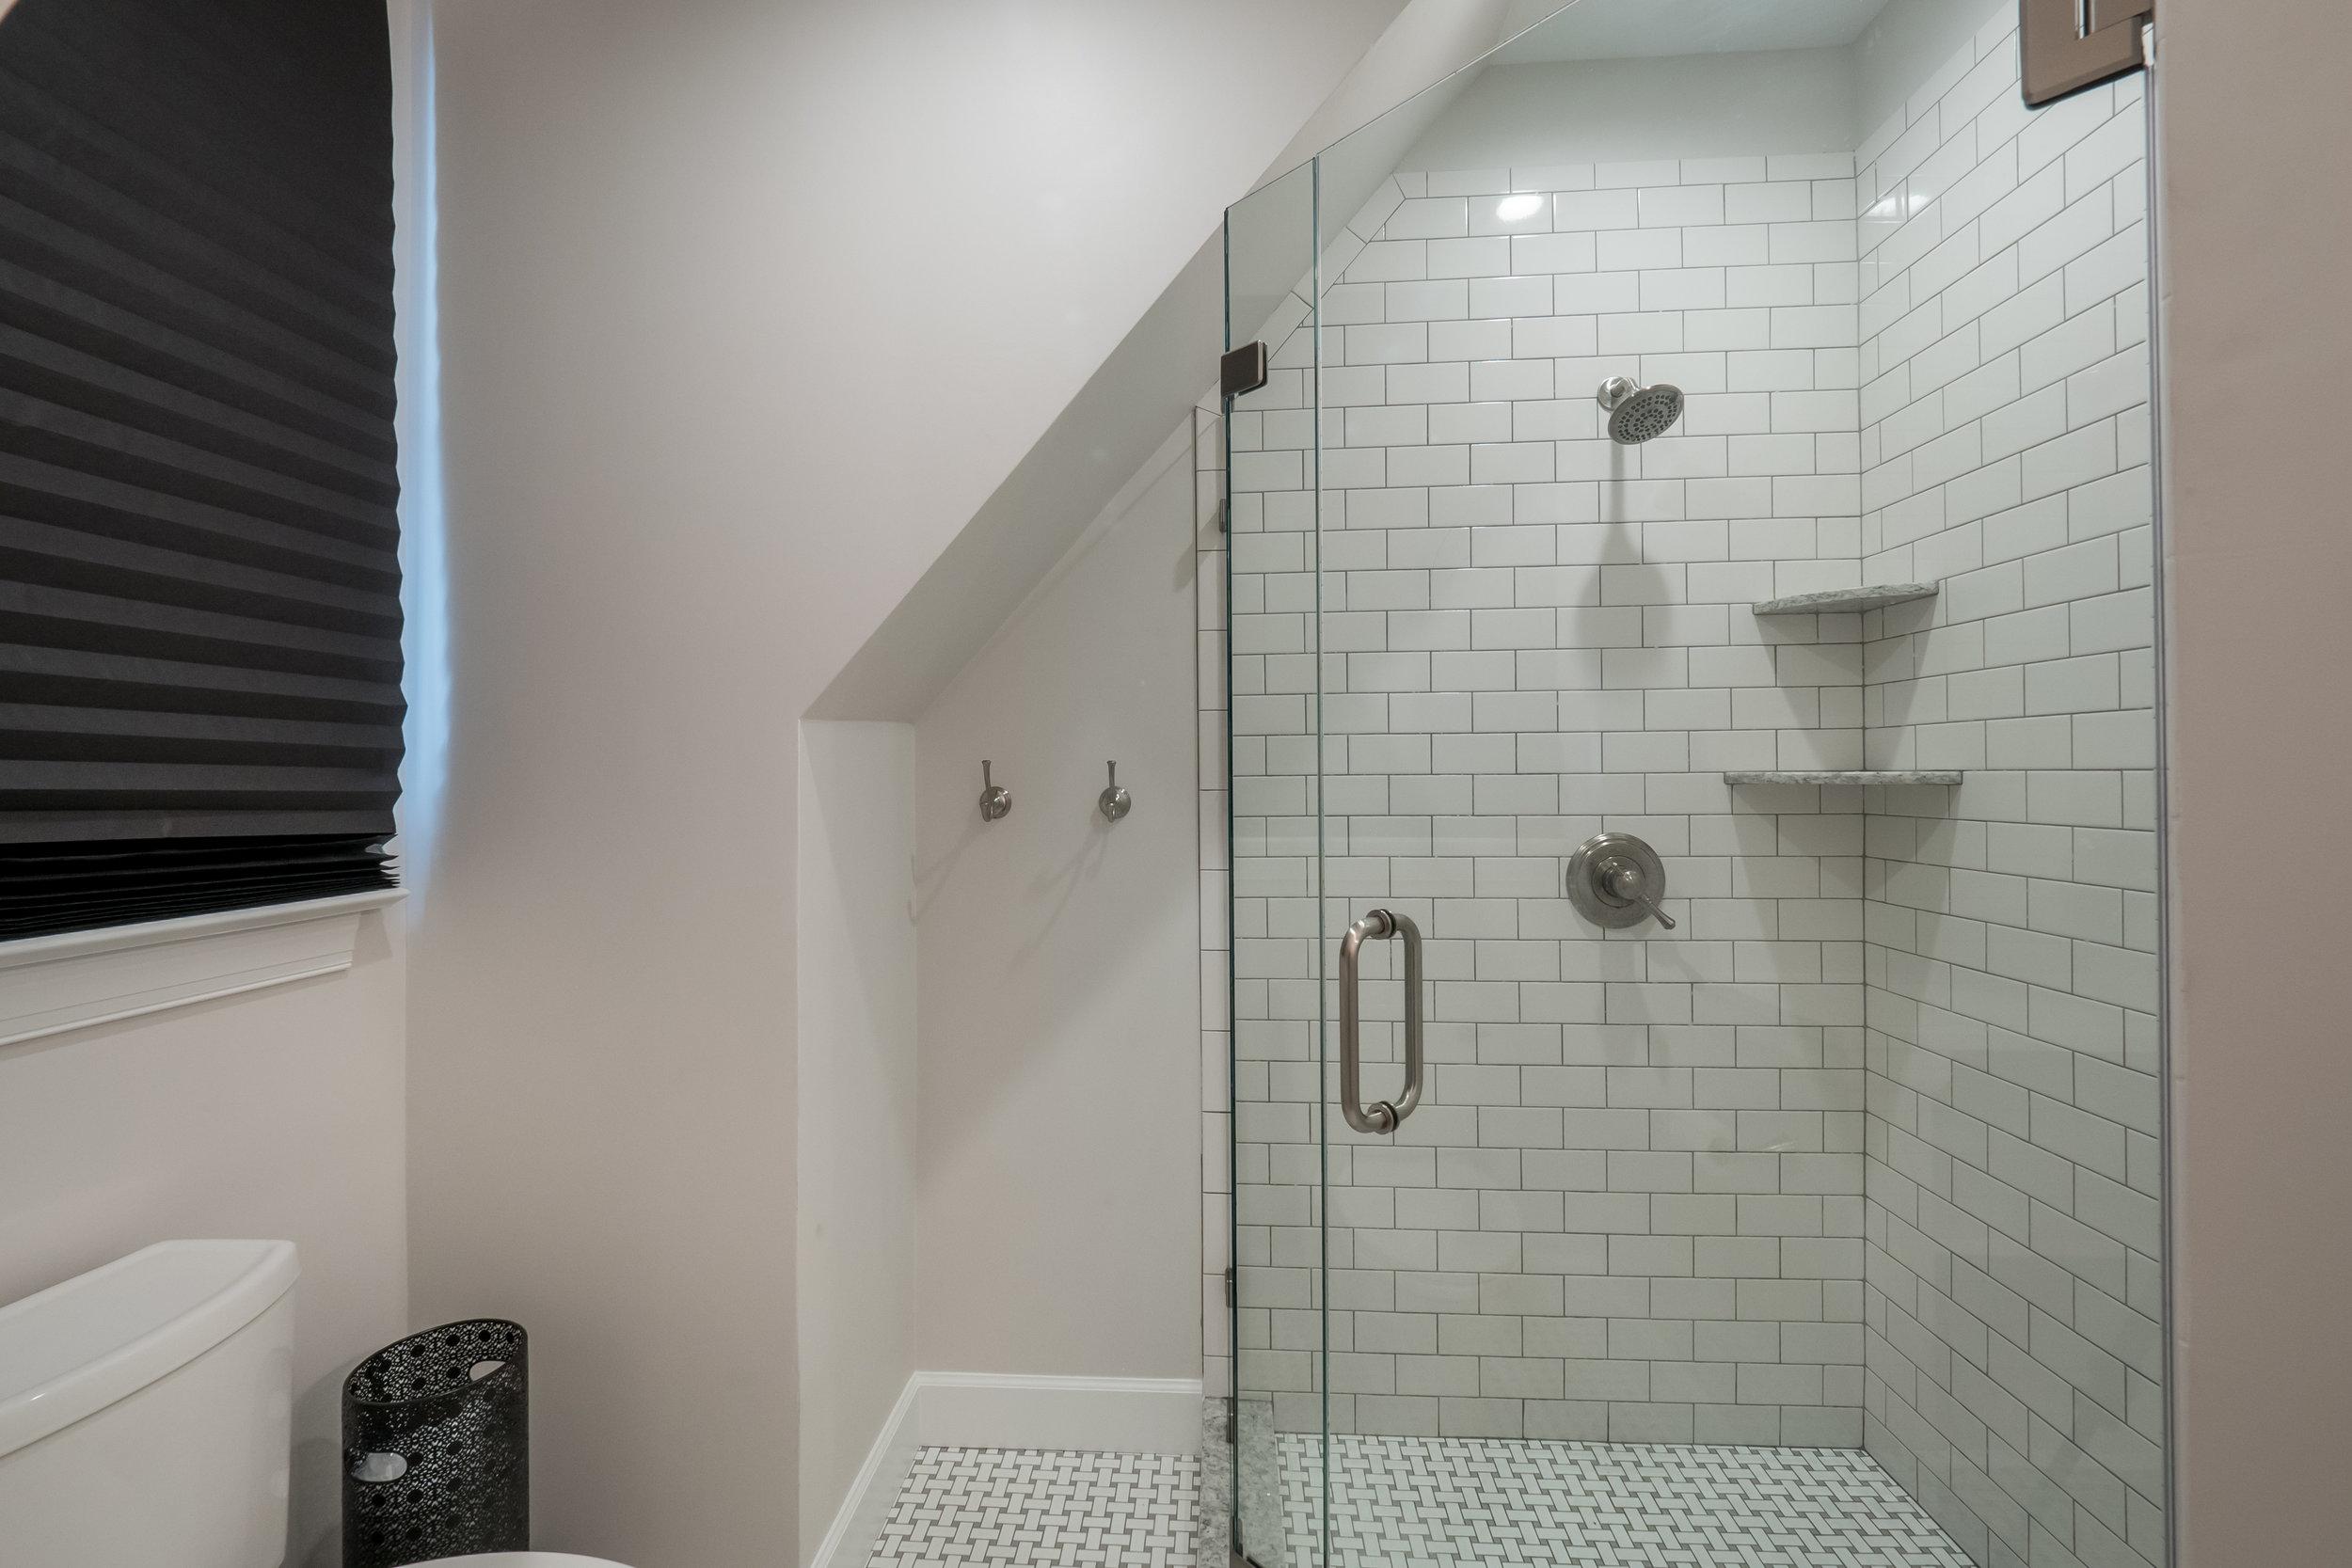 glass shower white tile modern bathroom remodel hampton roads benson homes.jpg